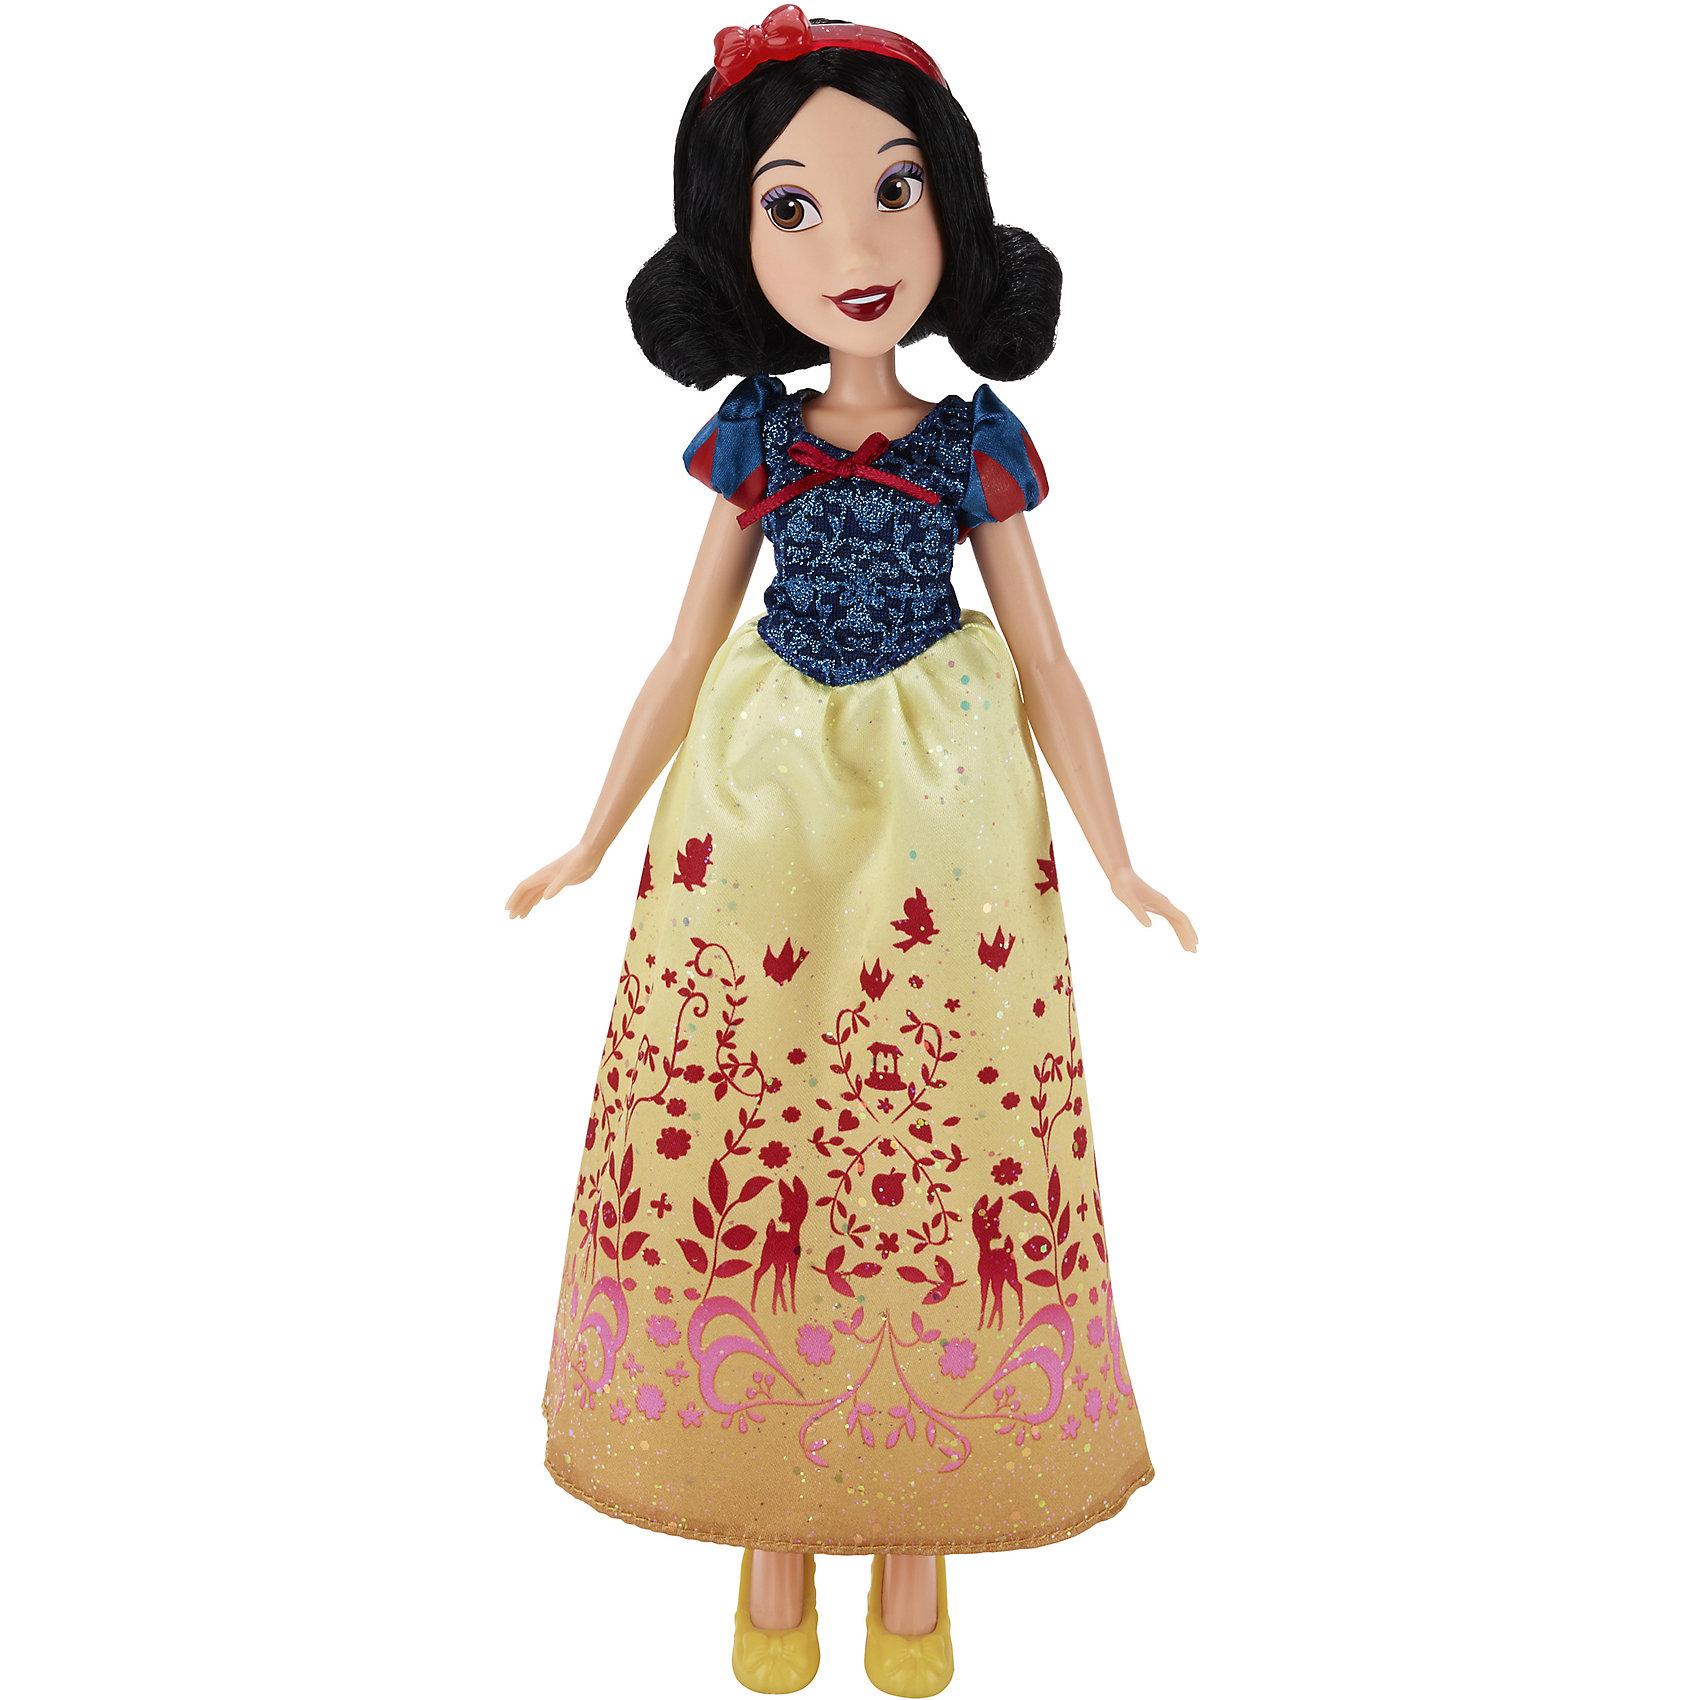 Классическая модная кукла Принцесса БелоснежкаИгрушки<br>Классическая модная кукла Принцесса, B6446/B5289.<br><br>Характеристики:<br><br>- Материал: пластмасса, текстиль.<br>- Высота куклы: 28 см.<br>- Размер упаковки: 15х5х36 см.<br><br>Симпатичная кукла представлена в образе прекрасной принцессы Disney Белоснежки из мультипликационного сериала Белоснежка и семь гномов. Она одета в нарядное платье, украшенное изящным узором, и туфельки на каблуке в тон наряду. Прическу украшает красный пластиковый ободок с бантиком. Макияж Белоснежки достаточно яркий. Губы подкрашены помадой вишневого оттенка, а глаза подведены серо-сиреневыми тенями. У куклы невероятно красивые темные волосы, которые можно расчесывать и заплетать. Подвижные ручки, ножки и голова позволяют кукле принимать множество реалистичных поз. Очаровательная детализированная кукла приведет в восторг вашу малышку и отлично дополнит ее коллекцию диснеевских принцесс.<br><br>Классическую модную куклу Принцесса, B6446/B5289 можно купить в нашем интернет-магазине.<br><br>Ширина мм: 51<br>Глубина мм: 152<br>Высота мм: 860<br>Вес г: 215<br>Возраст от месяцев: 36<br>Возраст до месяцев: 144<br>Пол: Женский<br>Возраст: Детский<br>SKU: 5064735